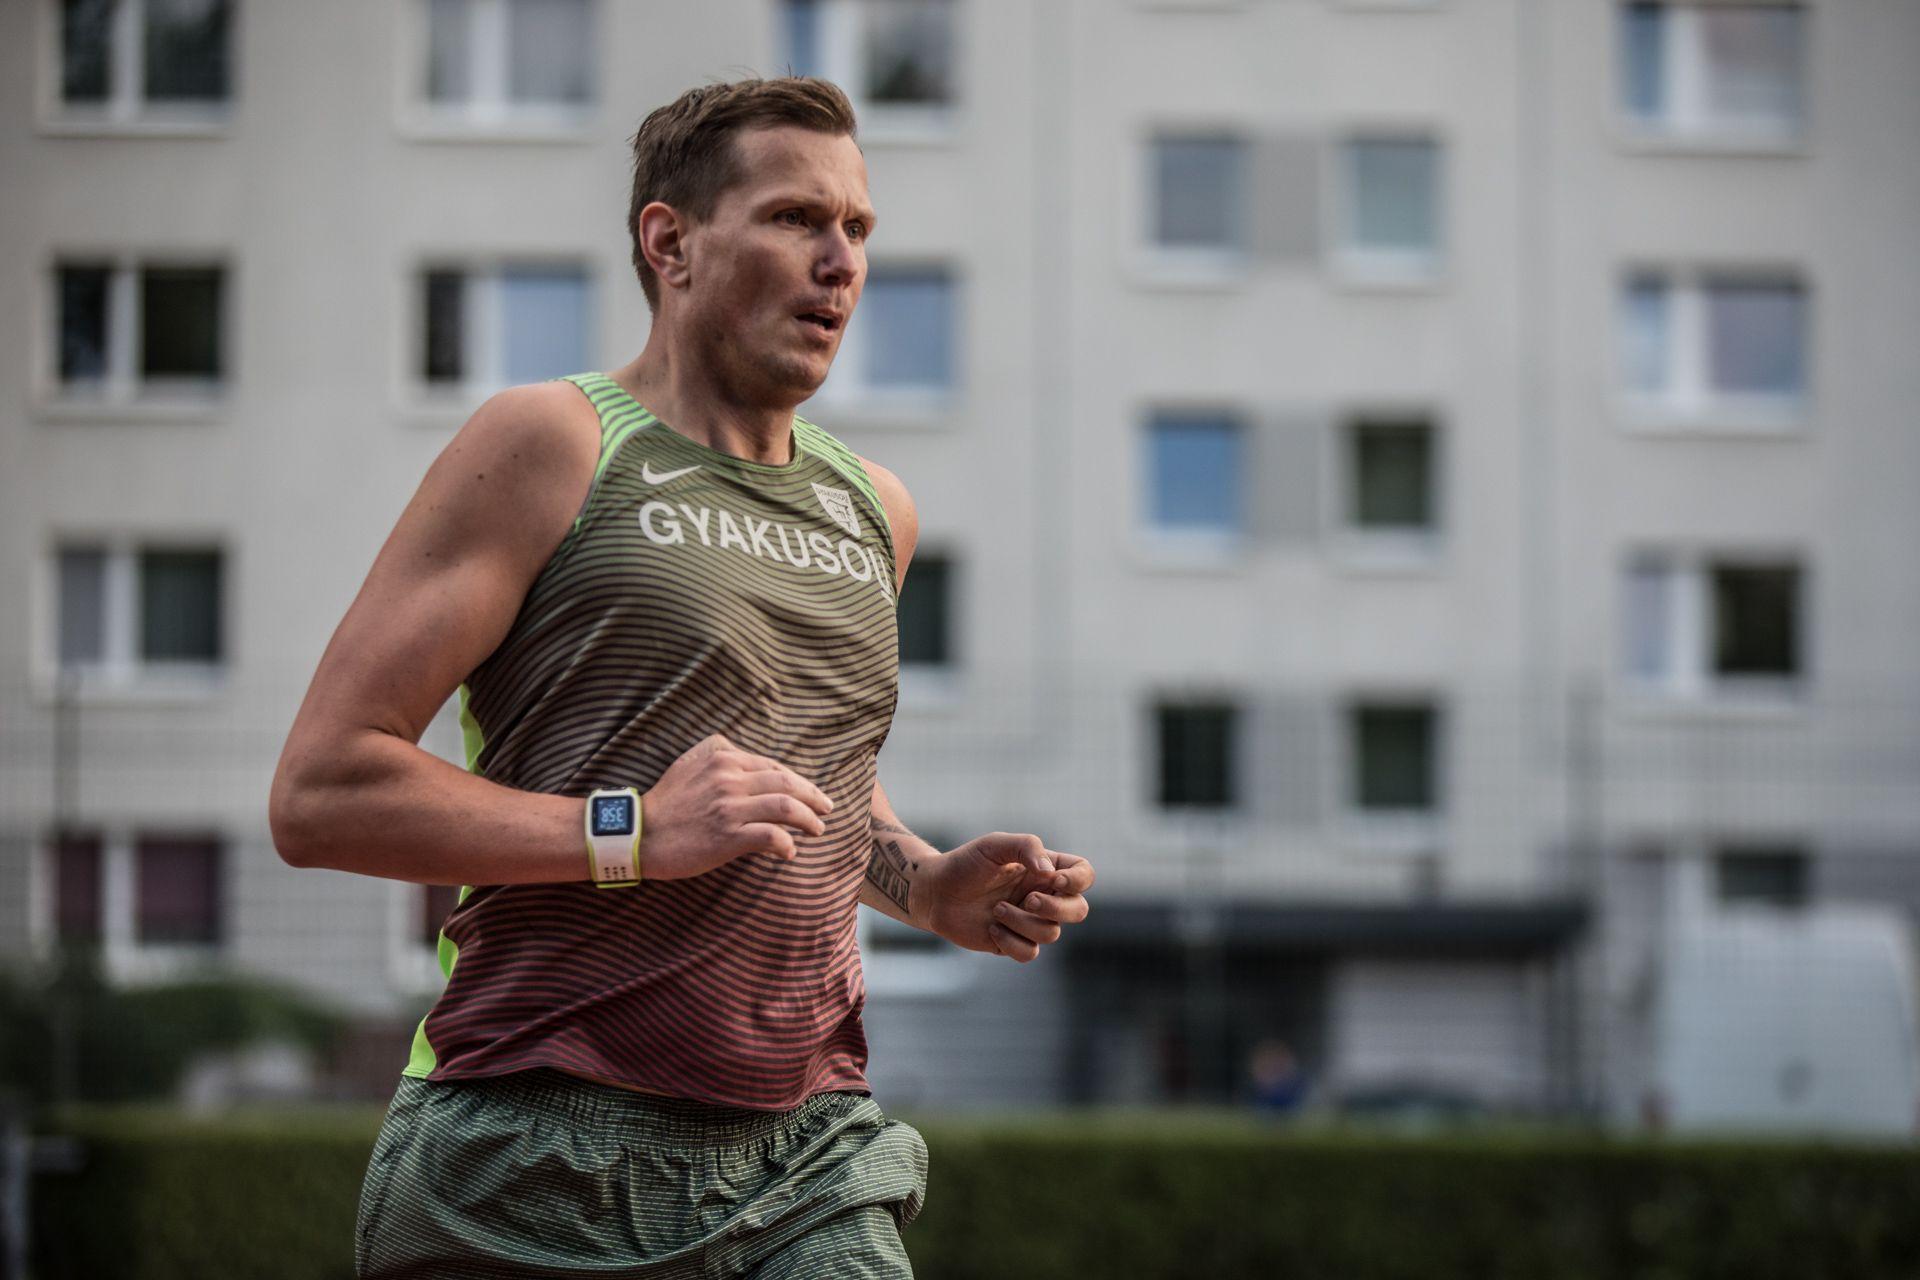 Vom Laufanfänger zum Läufer: Die 5 häufigsten Fehler von